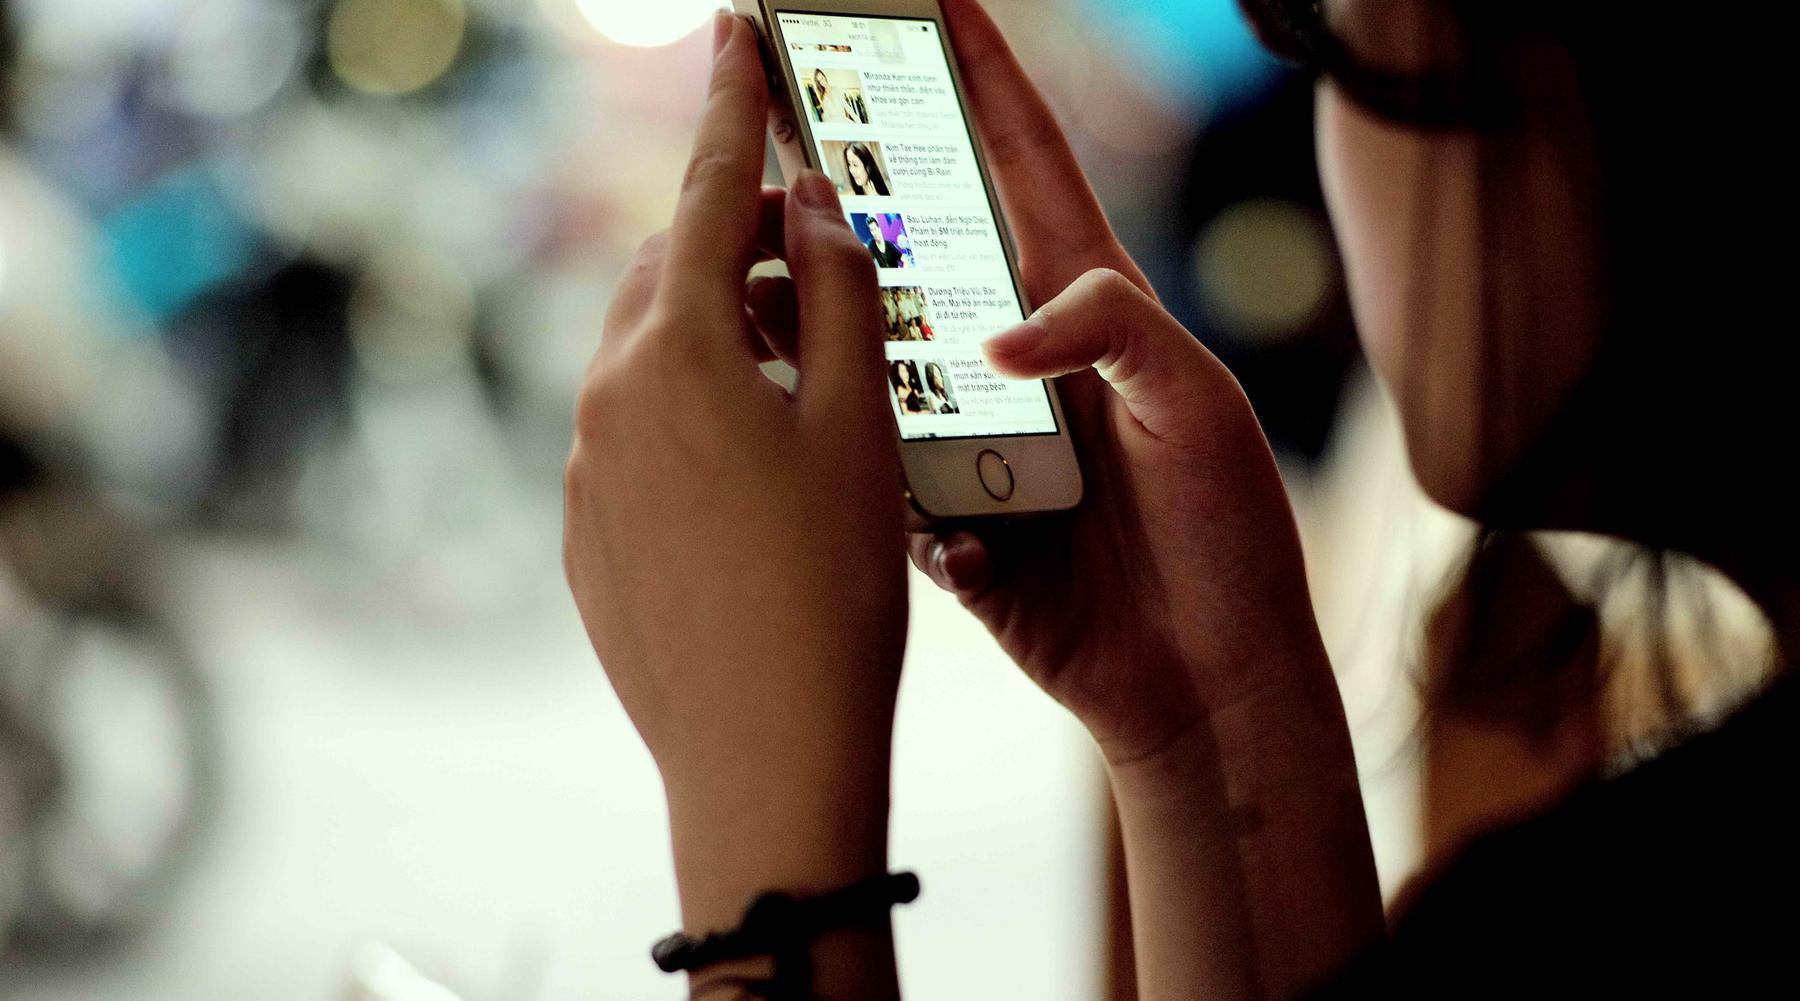 Telefoon kopen in Vietnam en repareren – Aanbevolen winkels en tips